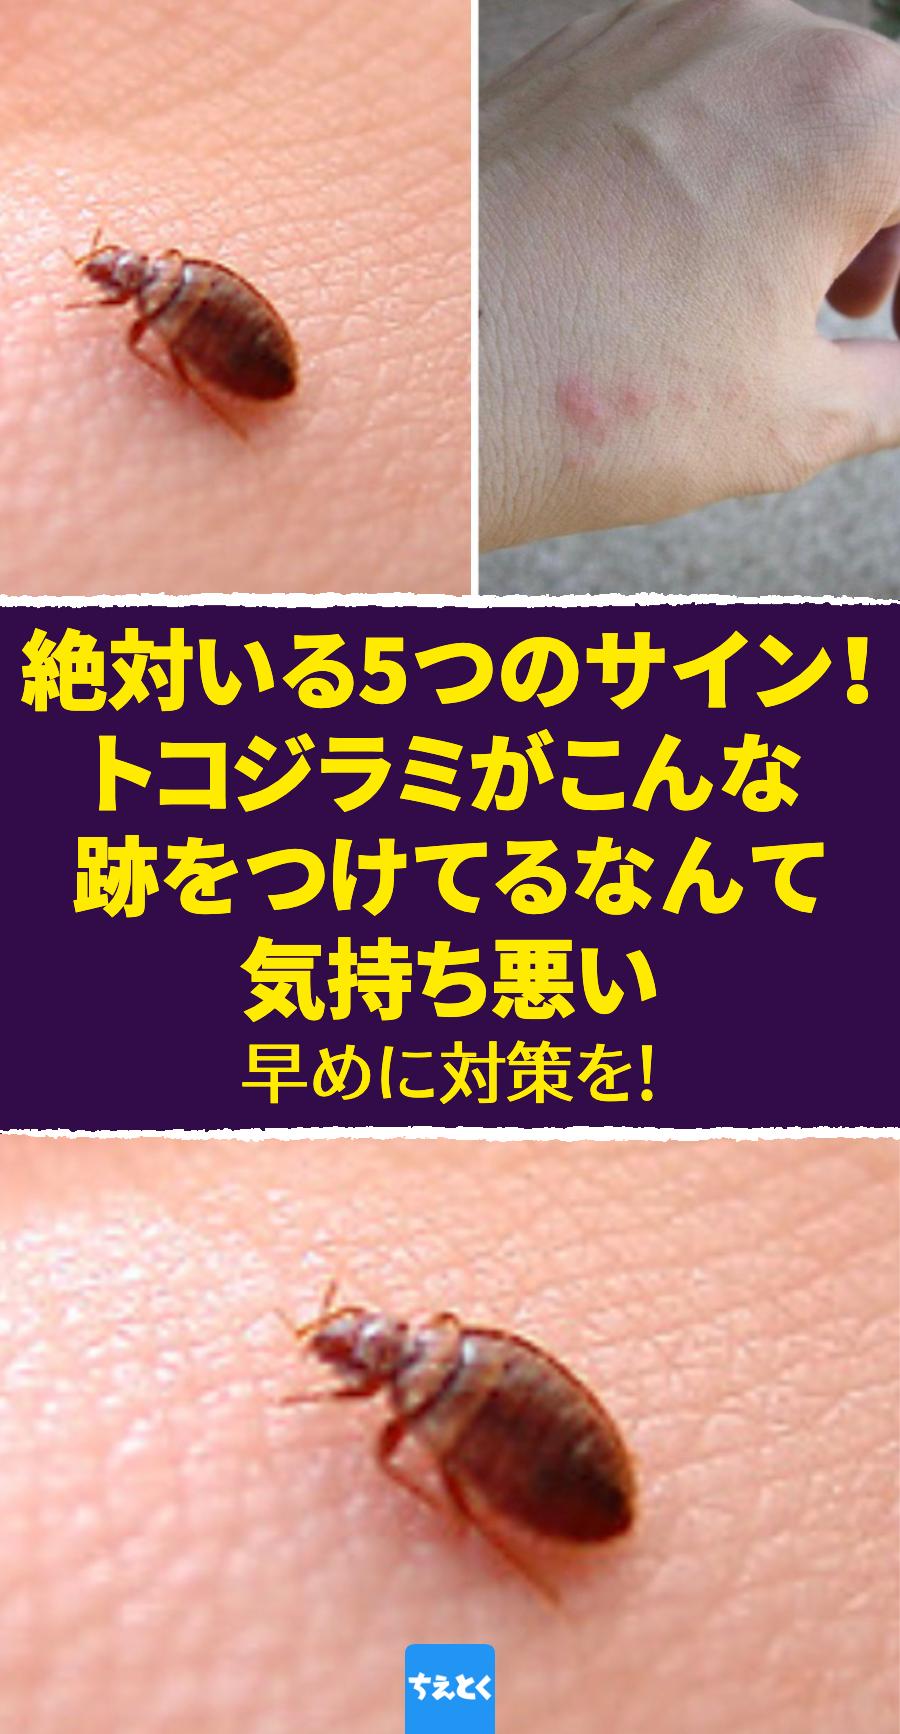 トコジラミ対策 寝室に潜む害虫トコジラミの5つのサイン トコジラミ対処法 対策 南京虫 吸血虫 赤い斑点 ベッドの虫 害虫対策 トコジラミ 健康な歯 代替療法